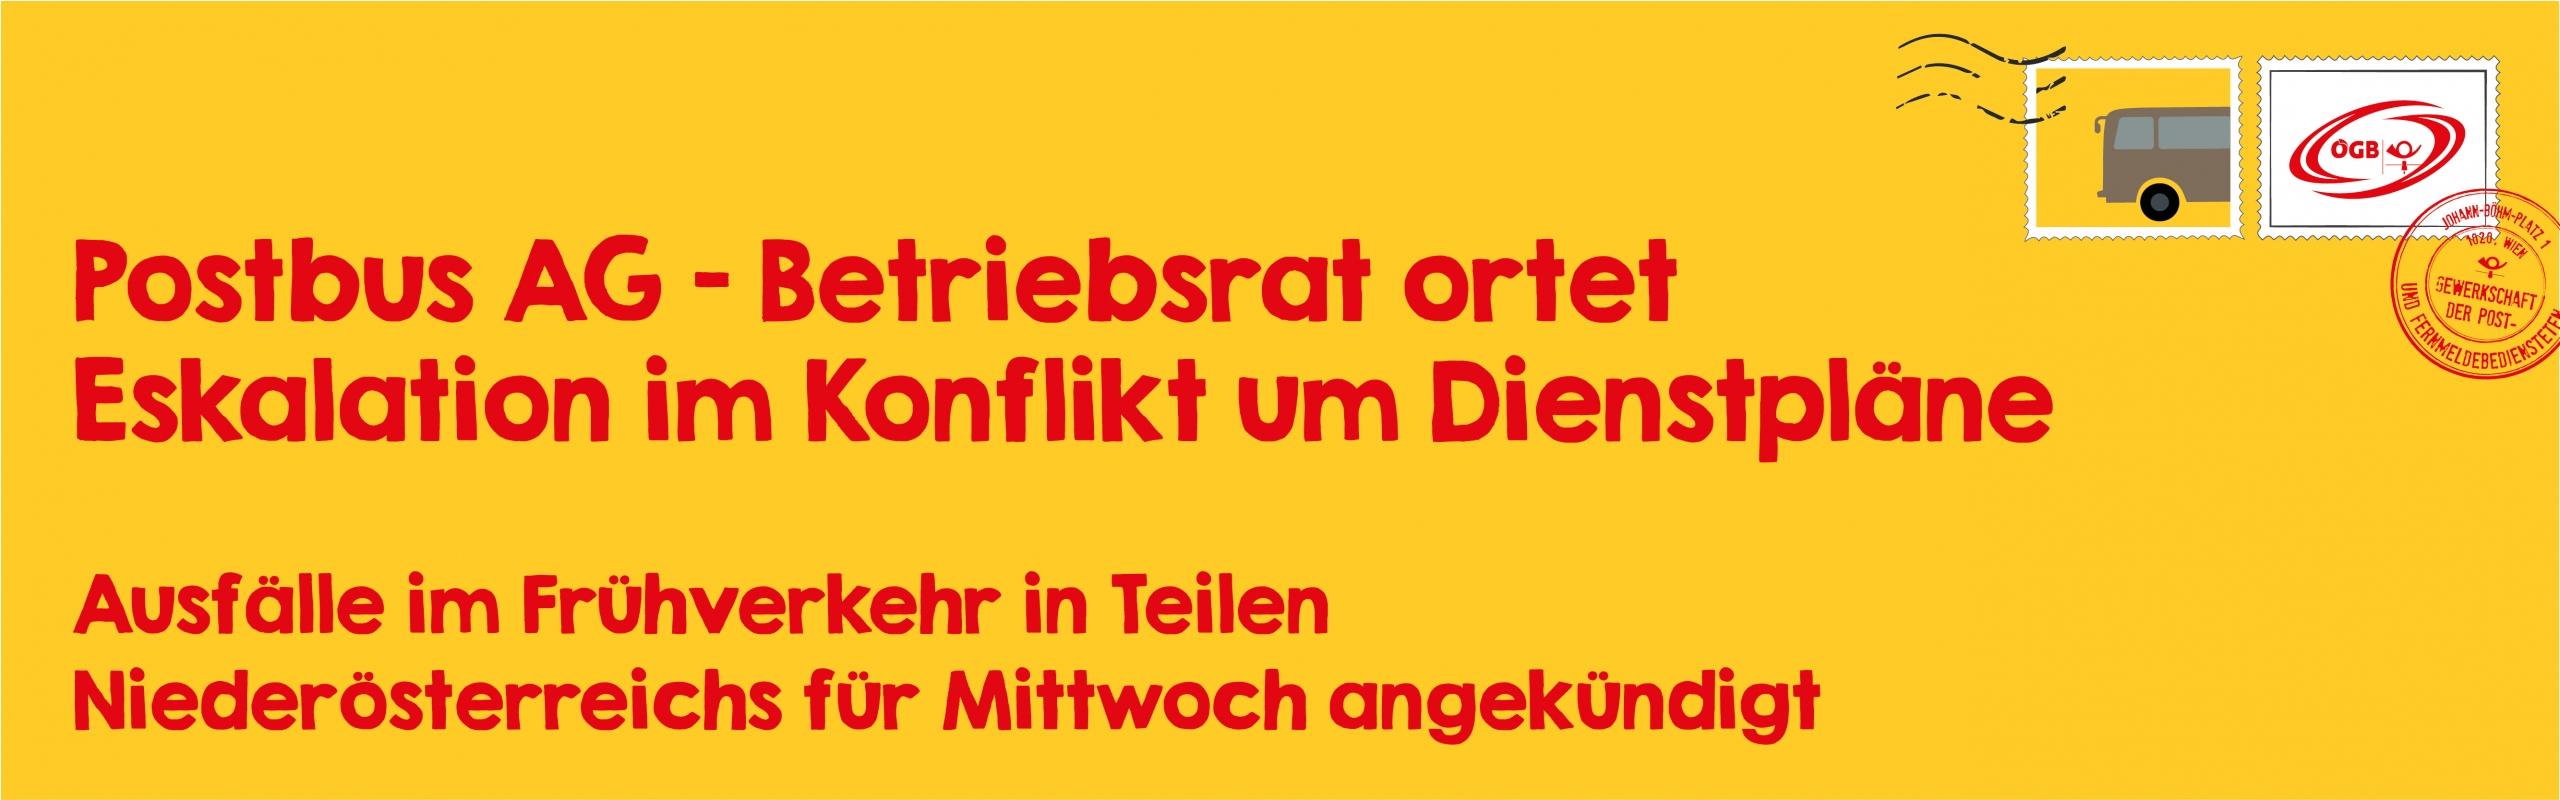 Postbus_Betriebsrat ortet Eskalation im Konflikt um Dien_Banner